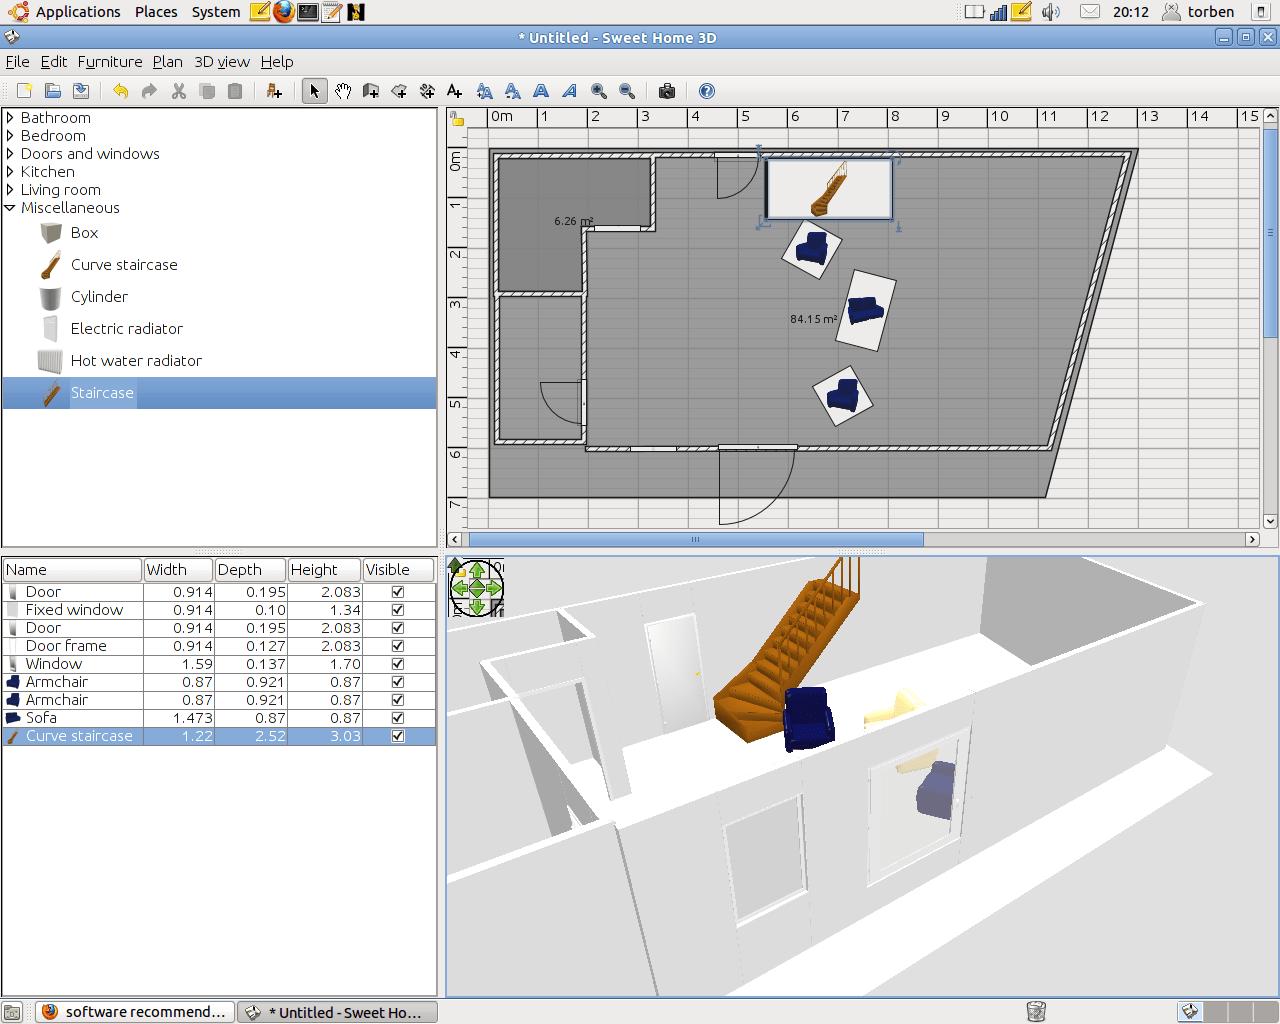 furniture plan software